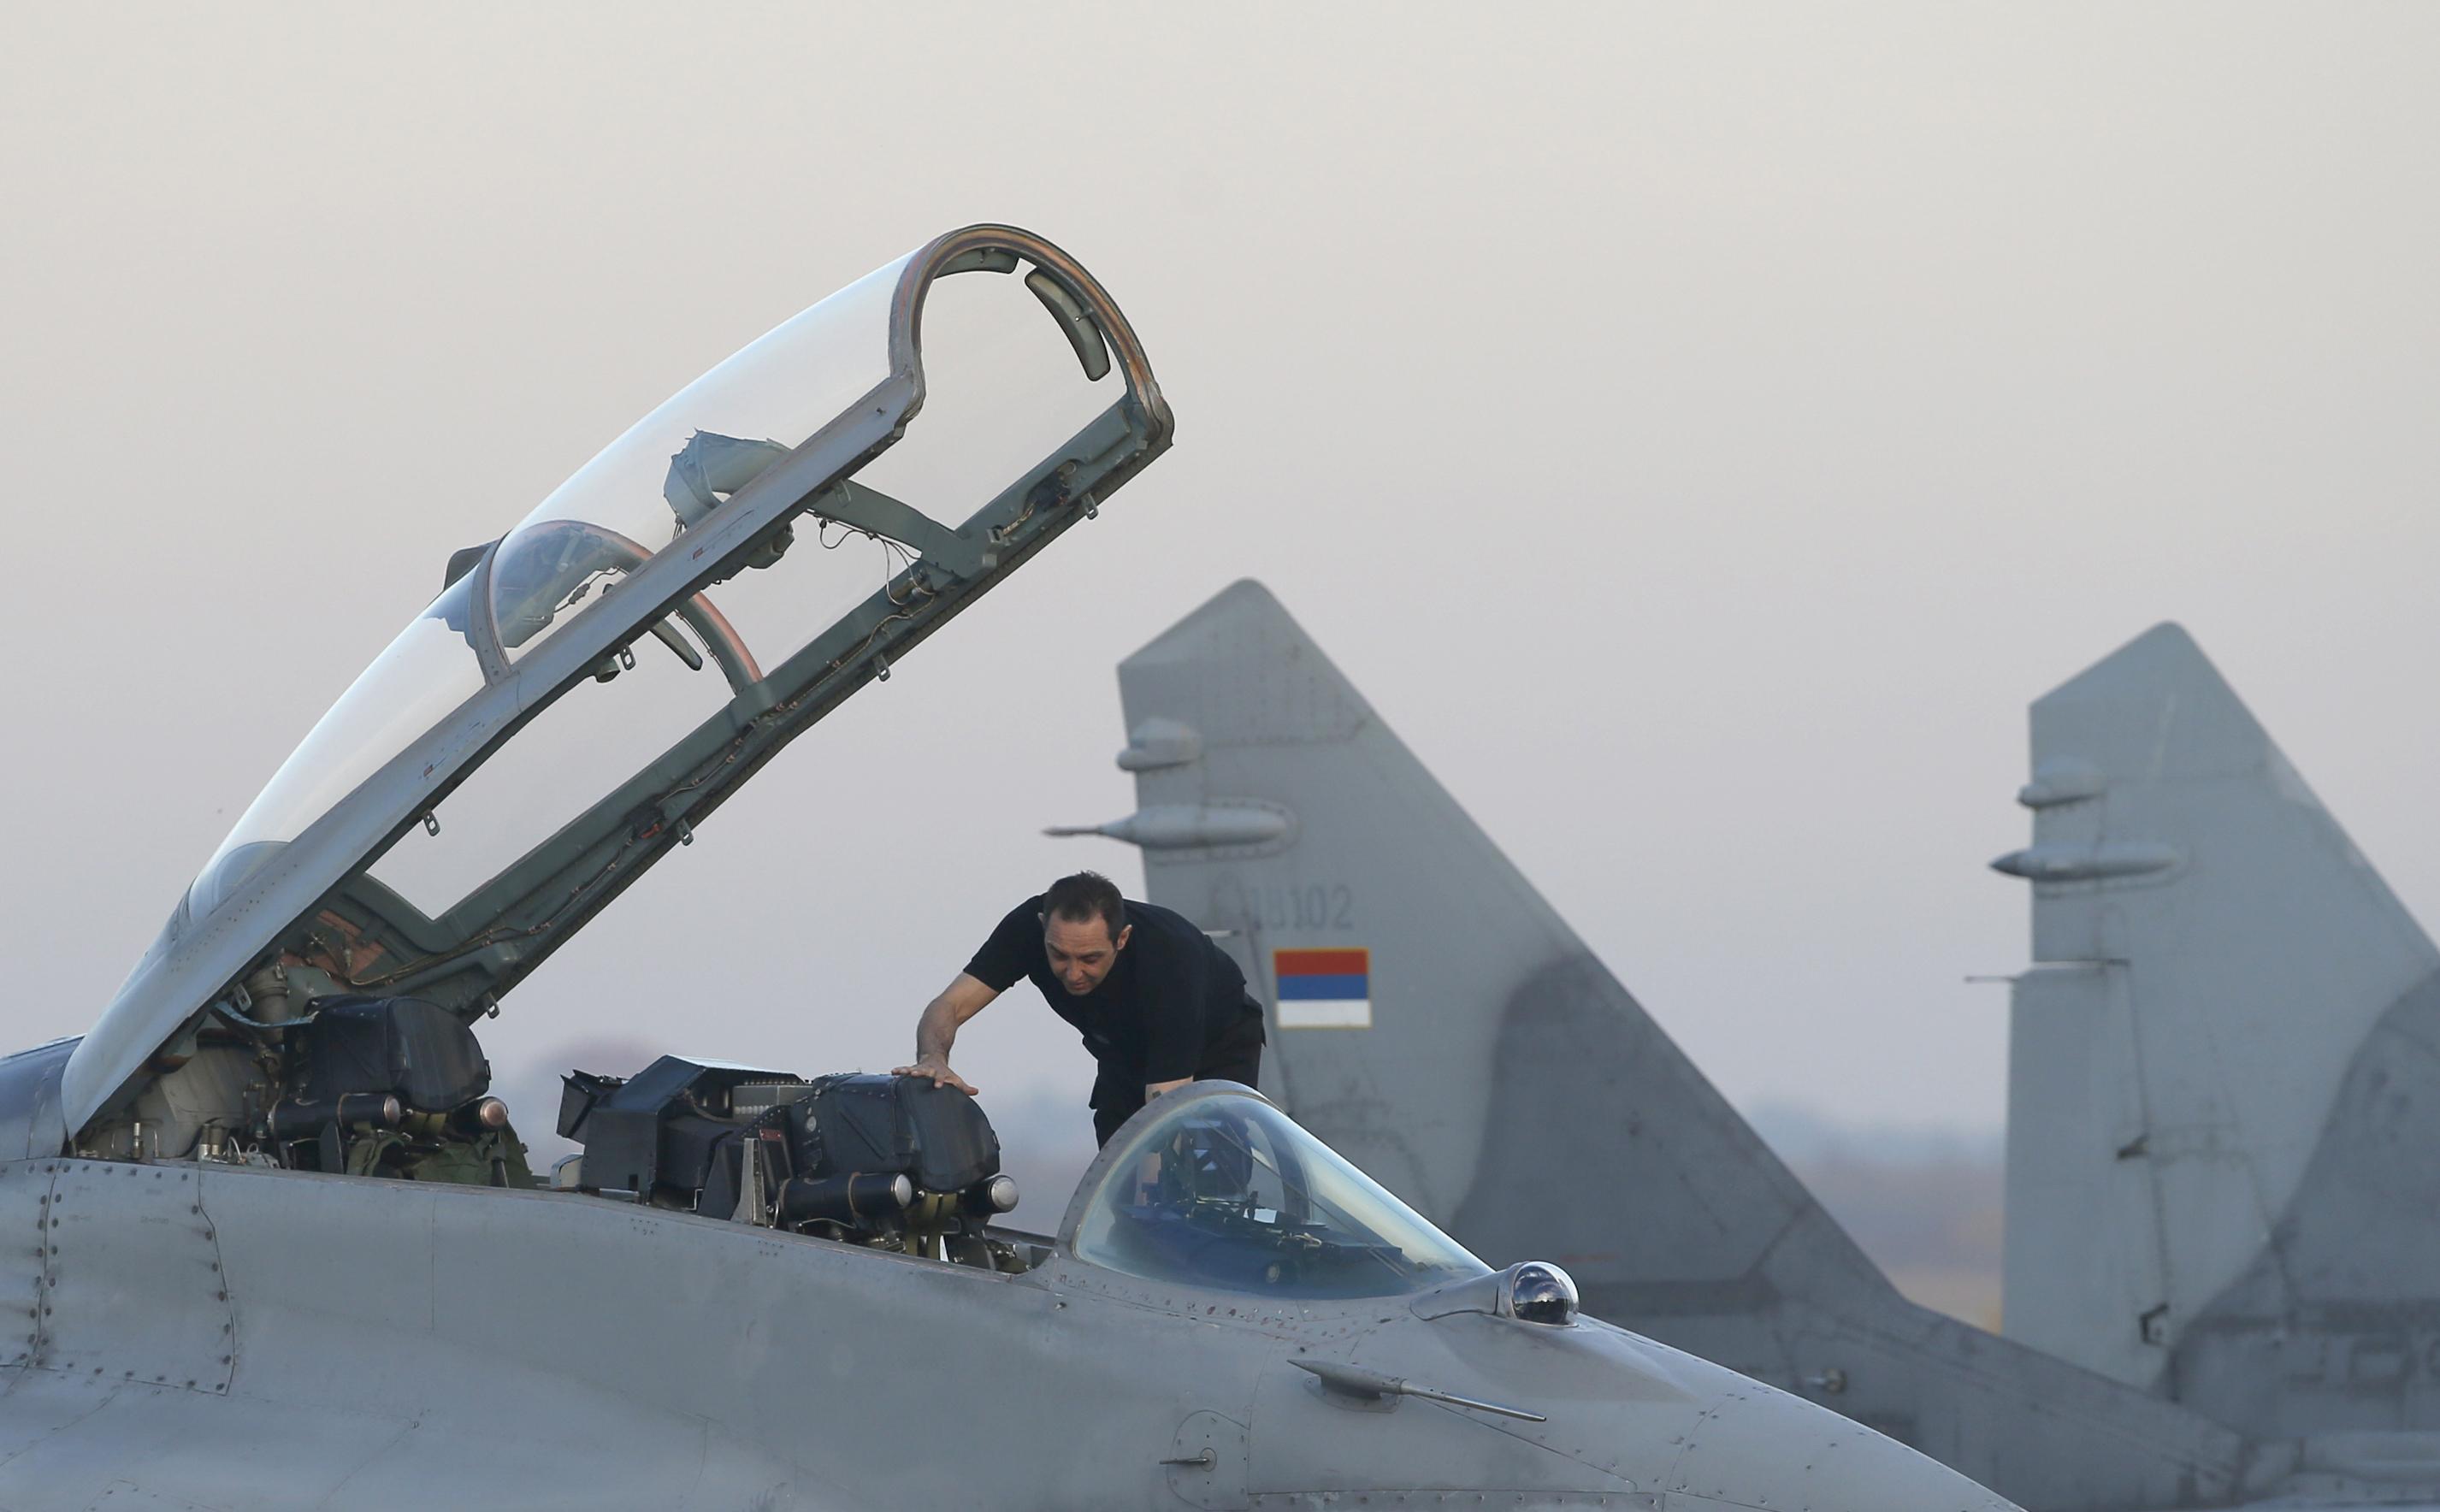 Сърбия се въоръжава с руски хеликоптери и изтребители МиГ-29